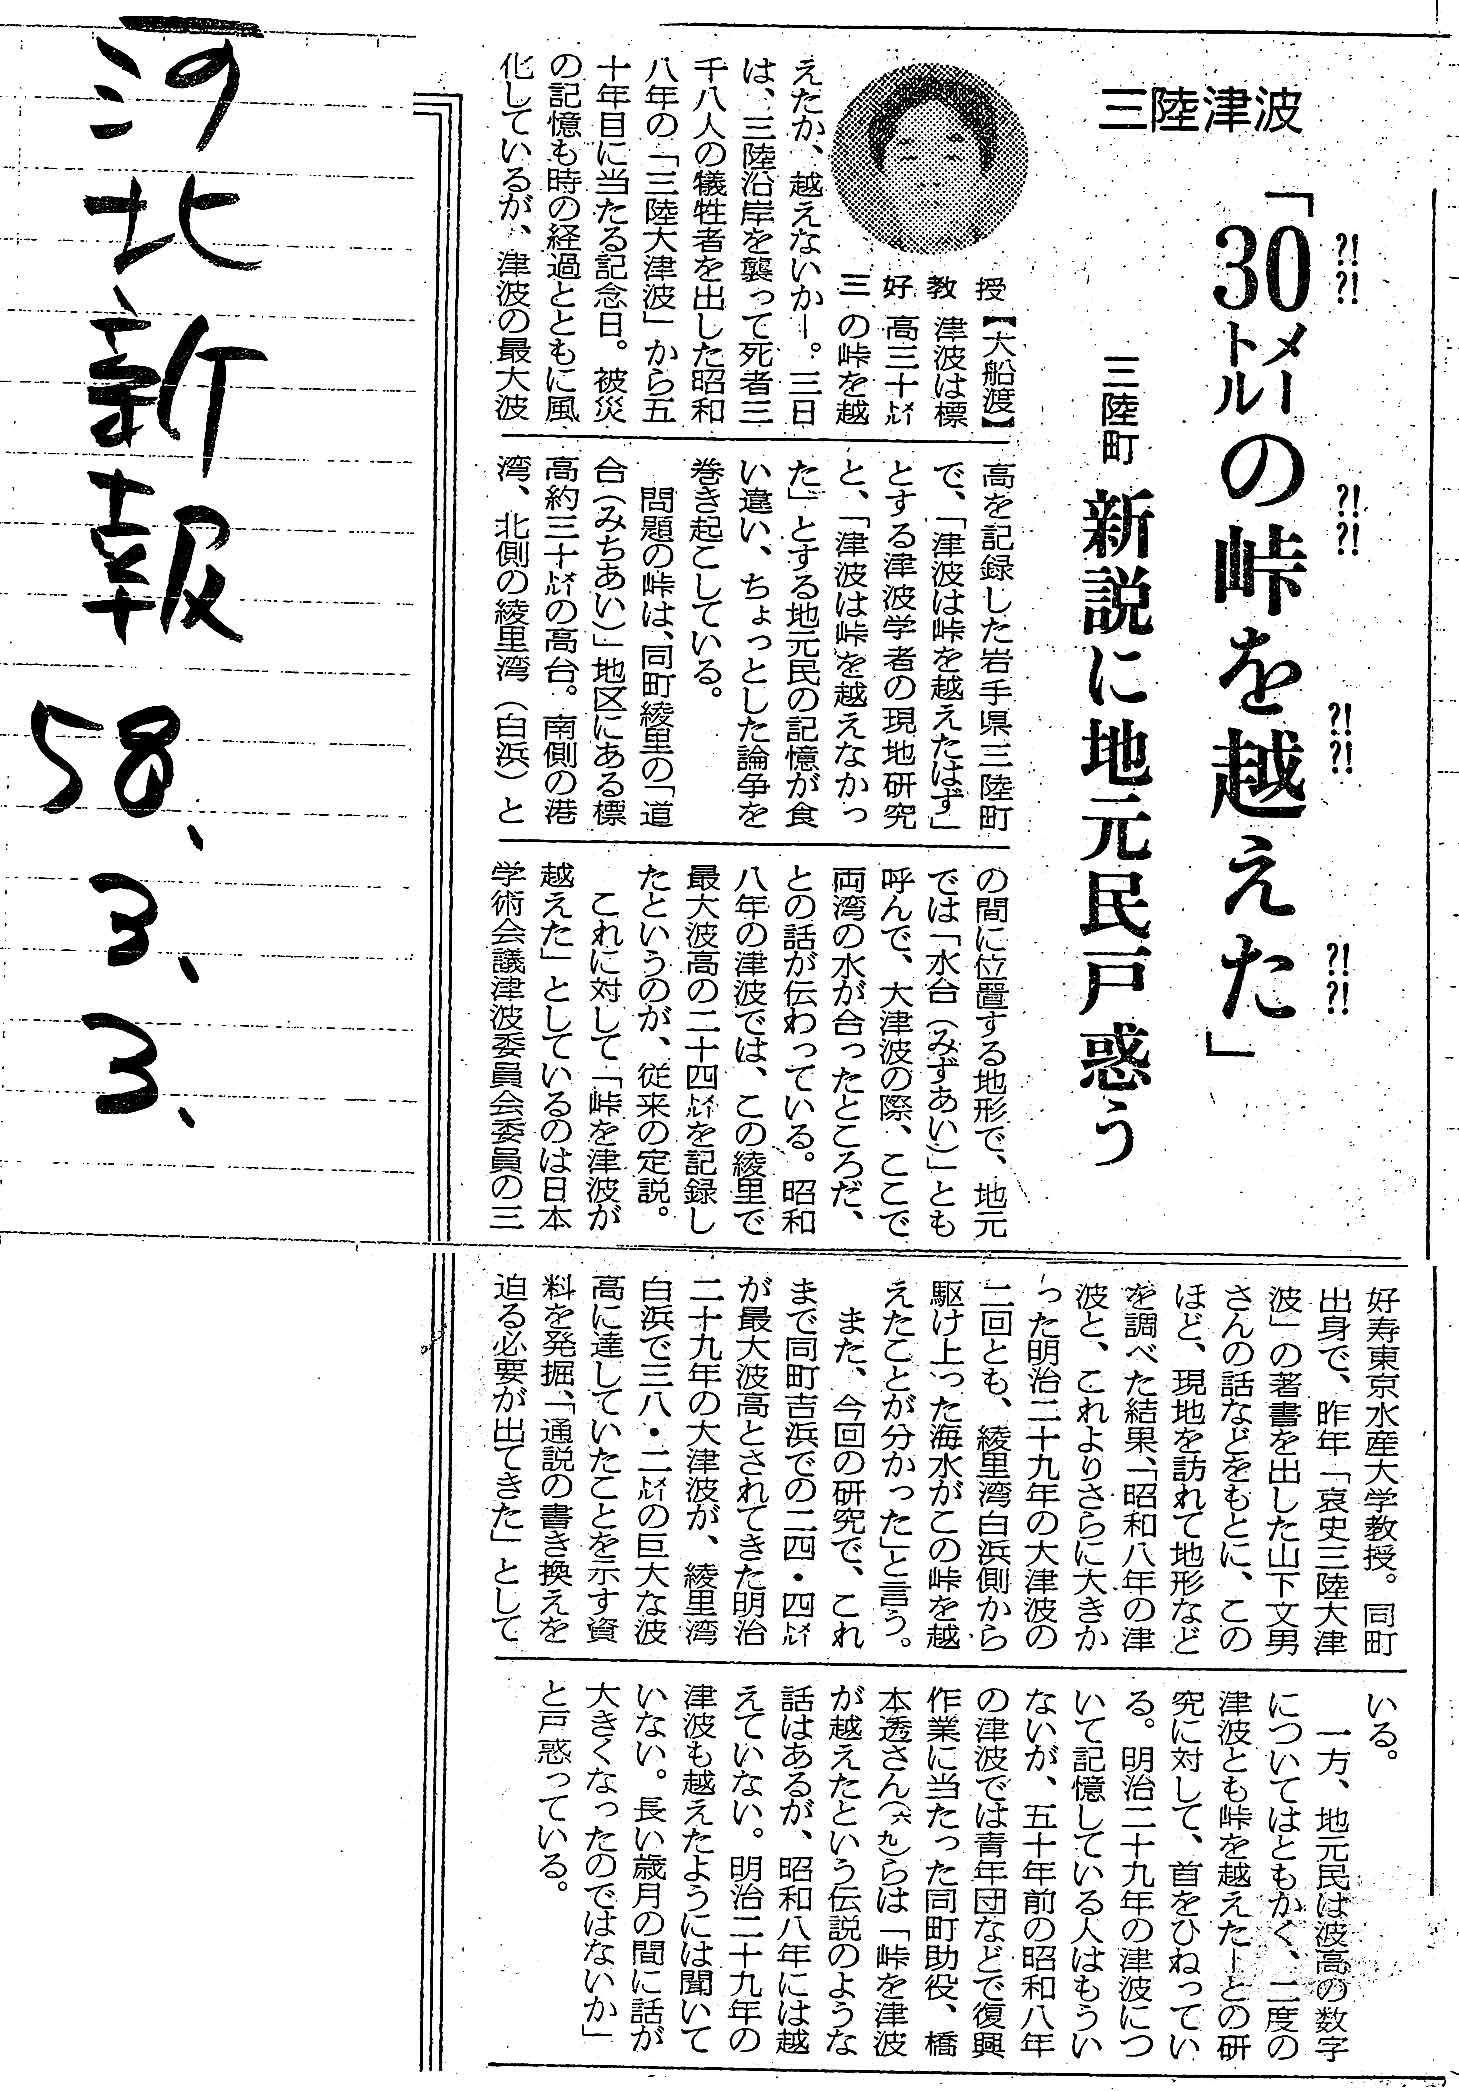 綾里白浜 河北新報昭和58年3月3日.jpg